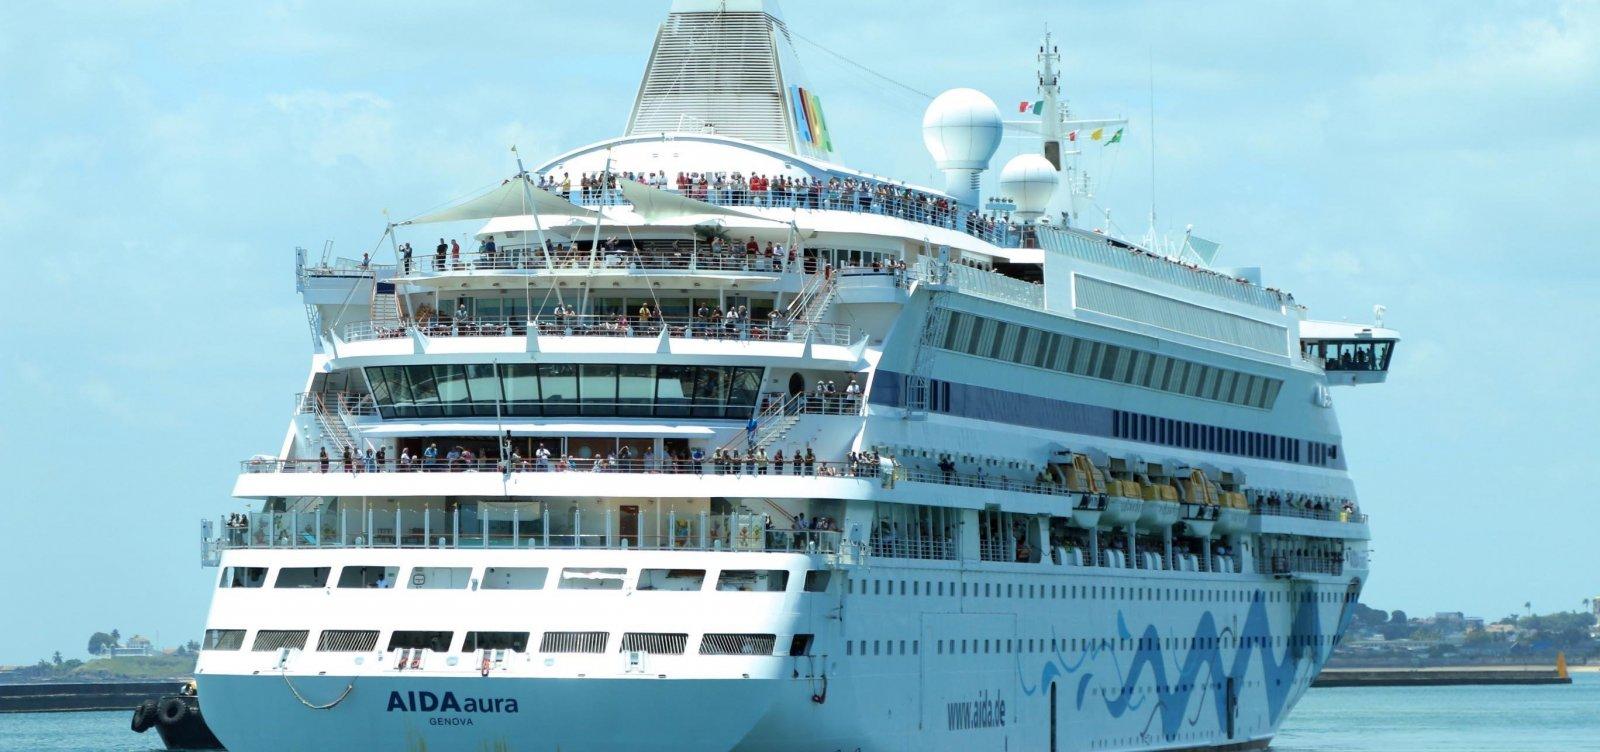 [Temporada de cruzeiros em Salvador começa hoje; capital deve receber mais de 60 navios]